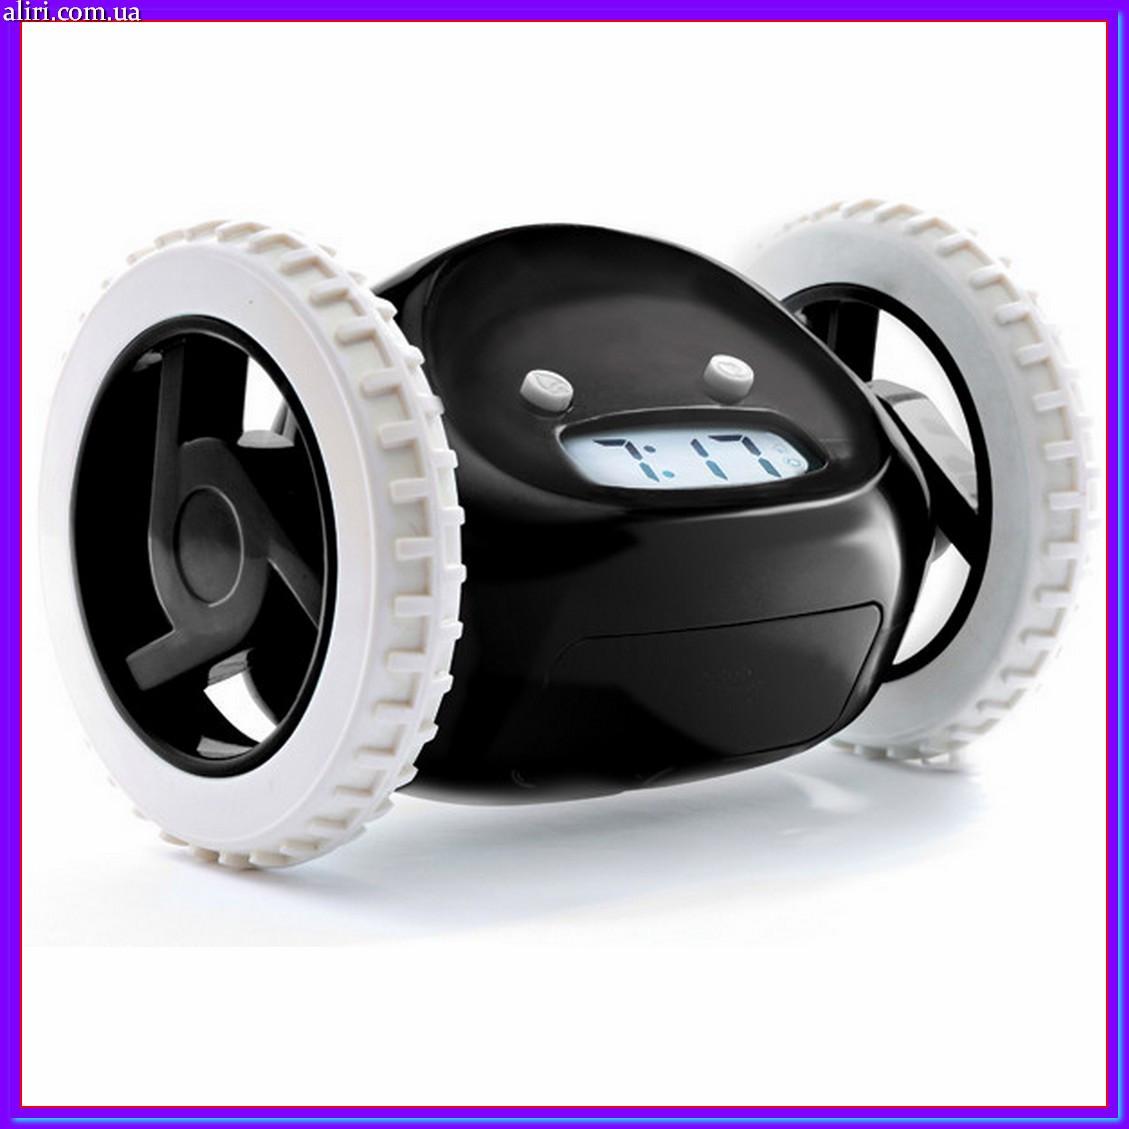 Прикольный убегающий будильник на колесах Runaway clock alarm clock Black, оригинальный подарок